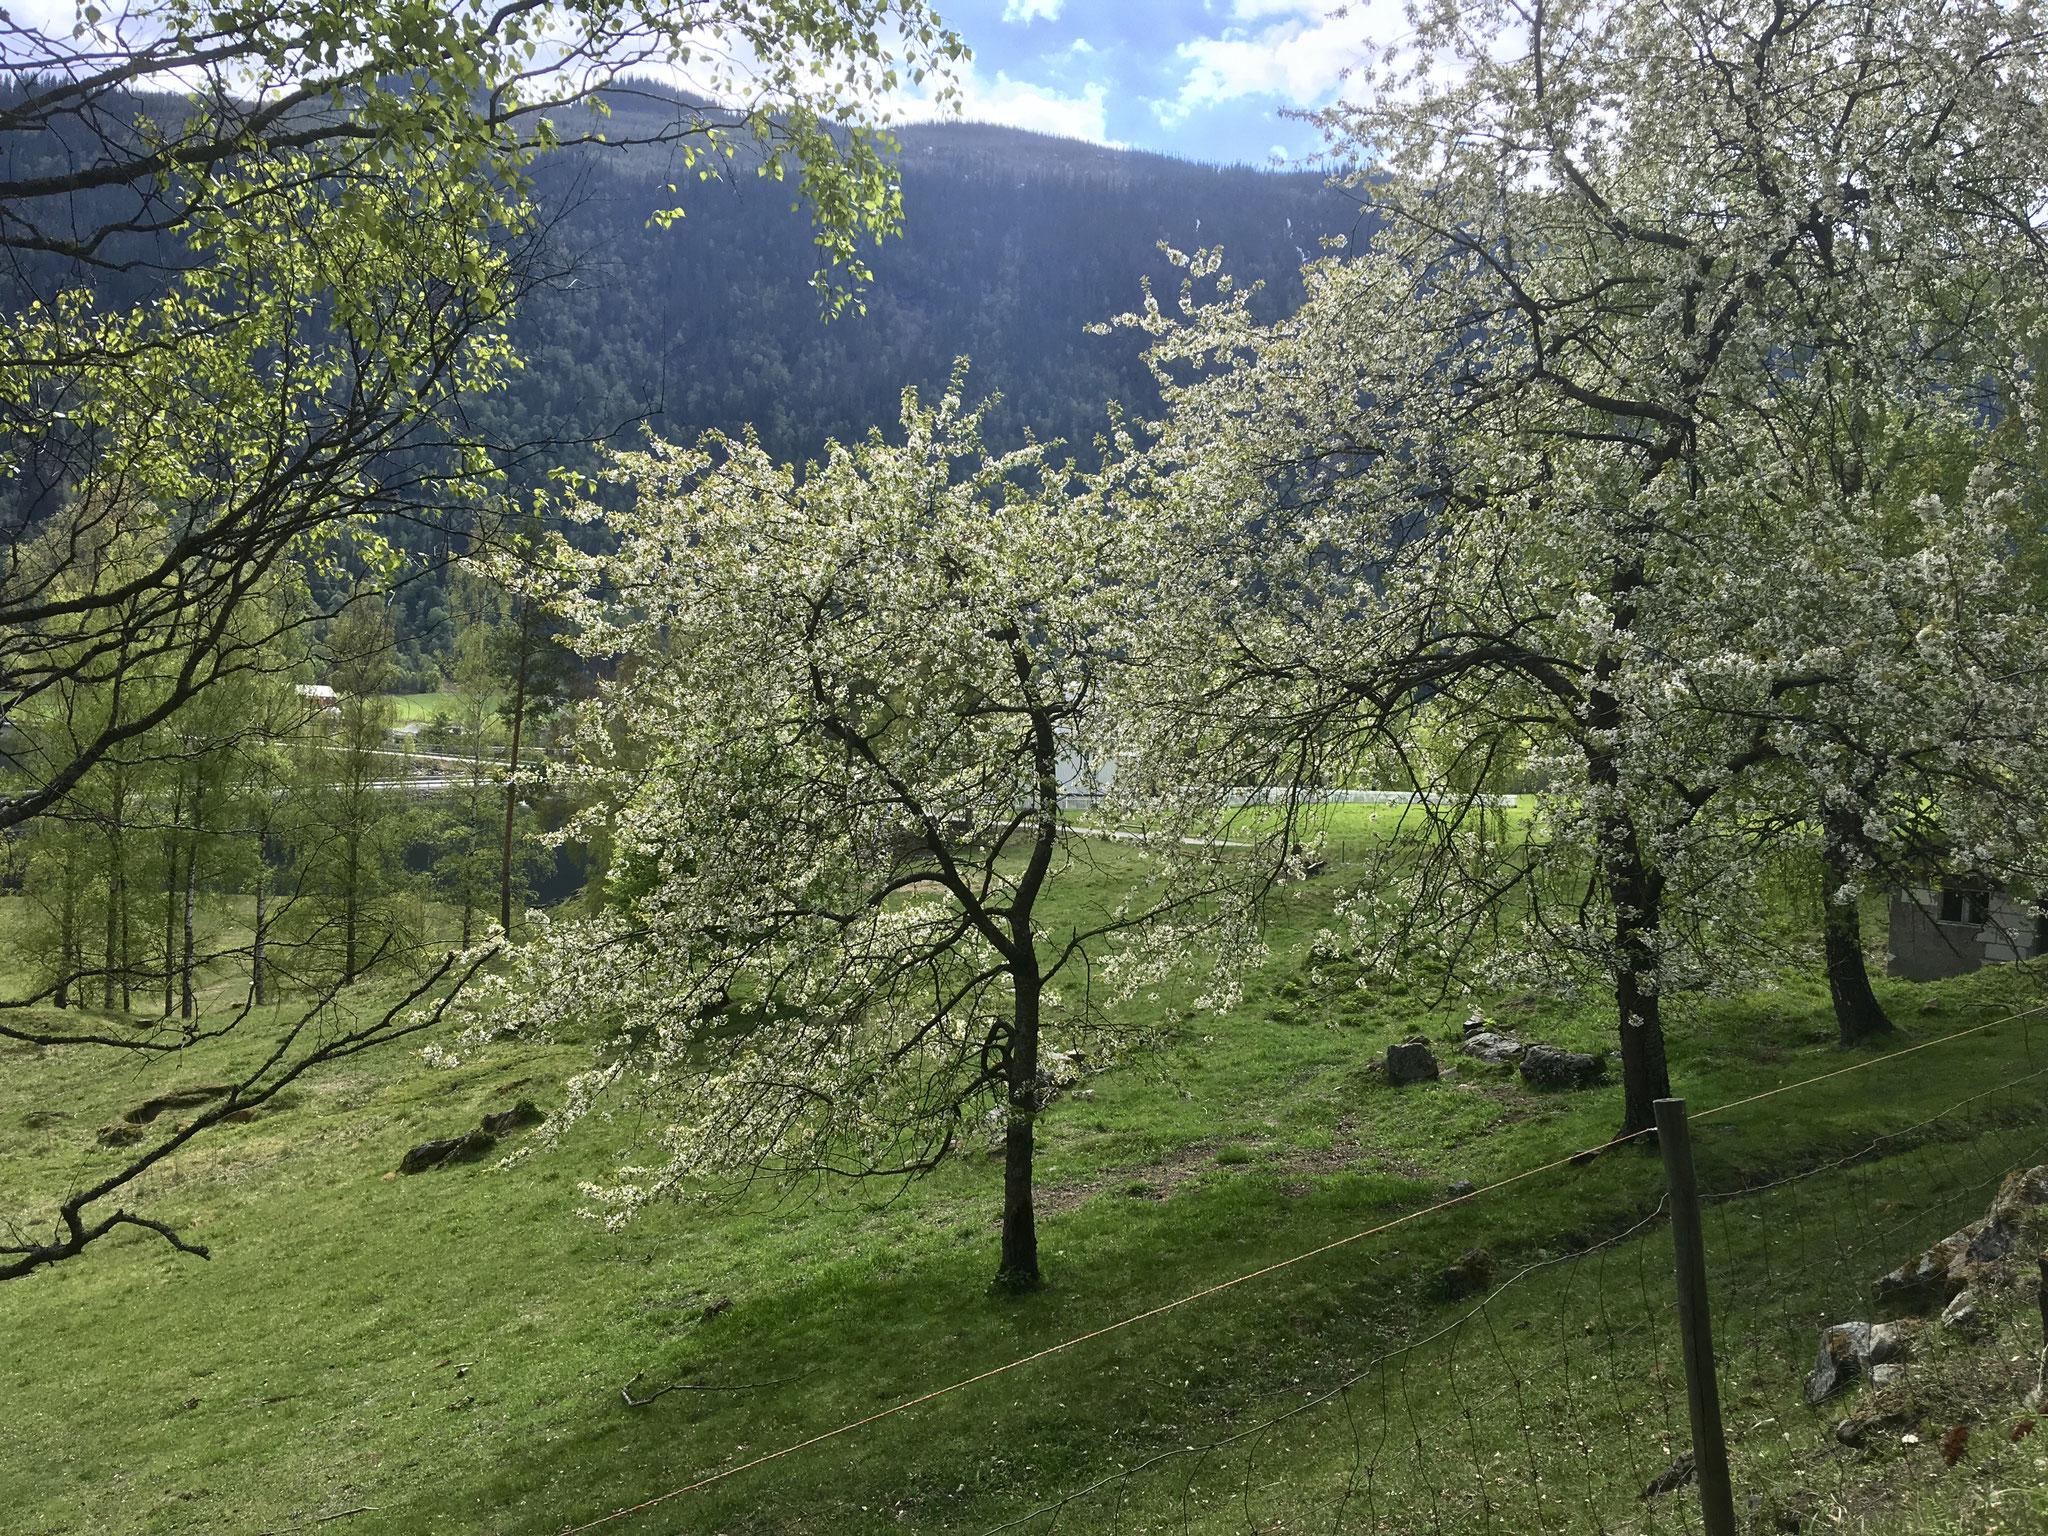 Mæl Kirche versteckt hinter brühenden Bäumen